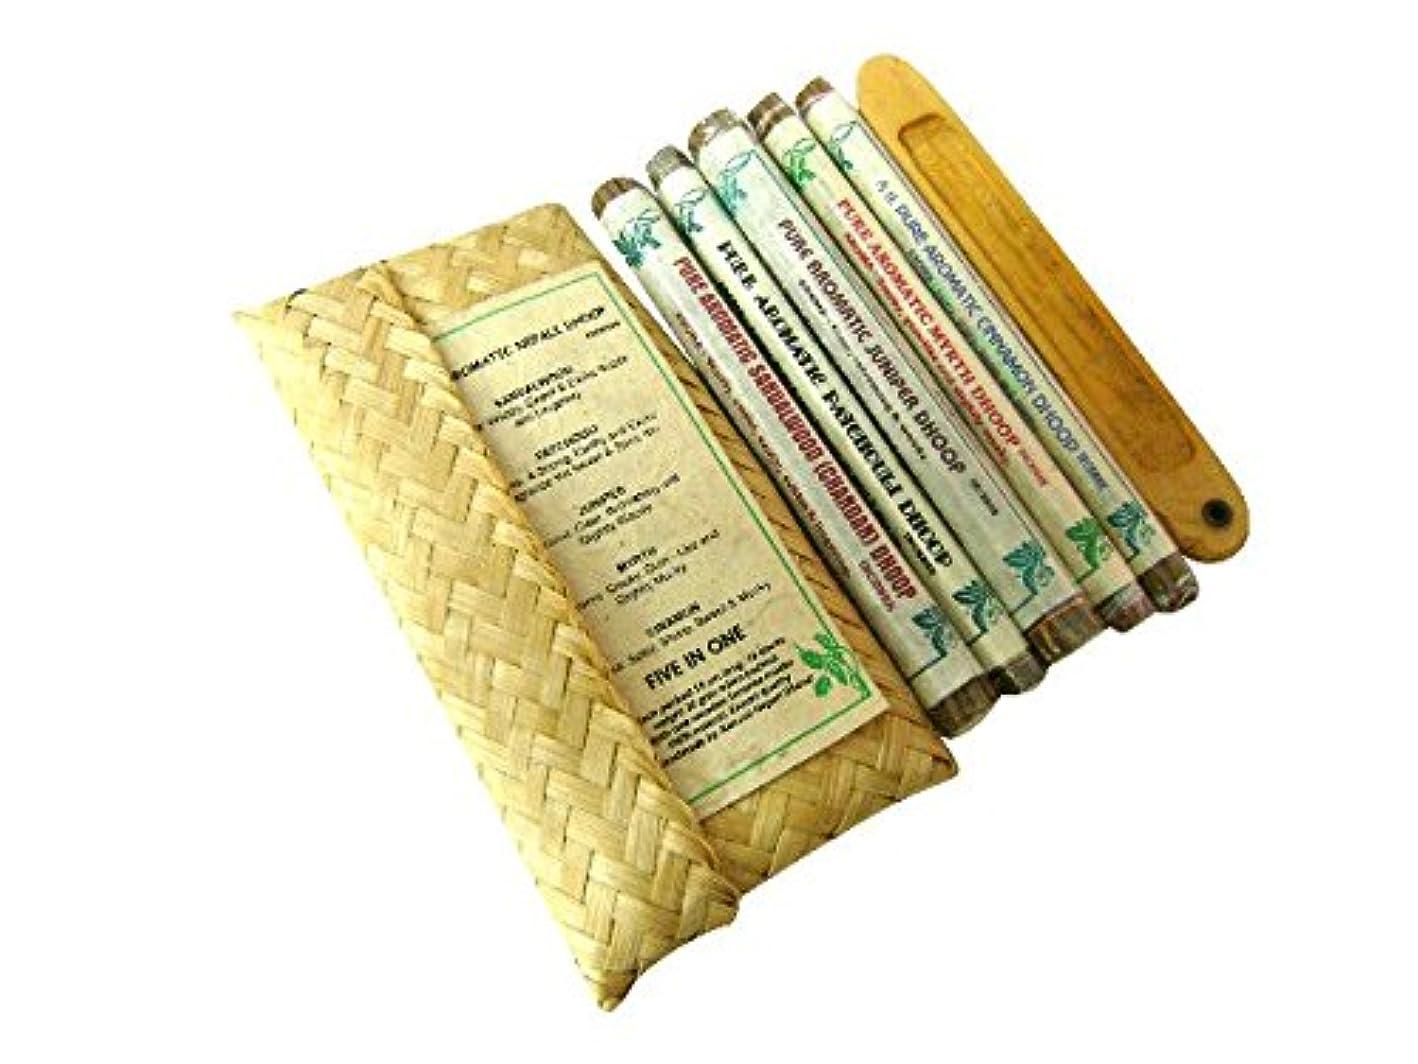 進捗名前はさみアロマティックドープ ティックドープ【5 in one gift pack お香たて付】